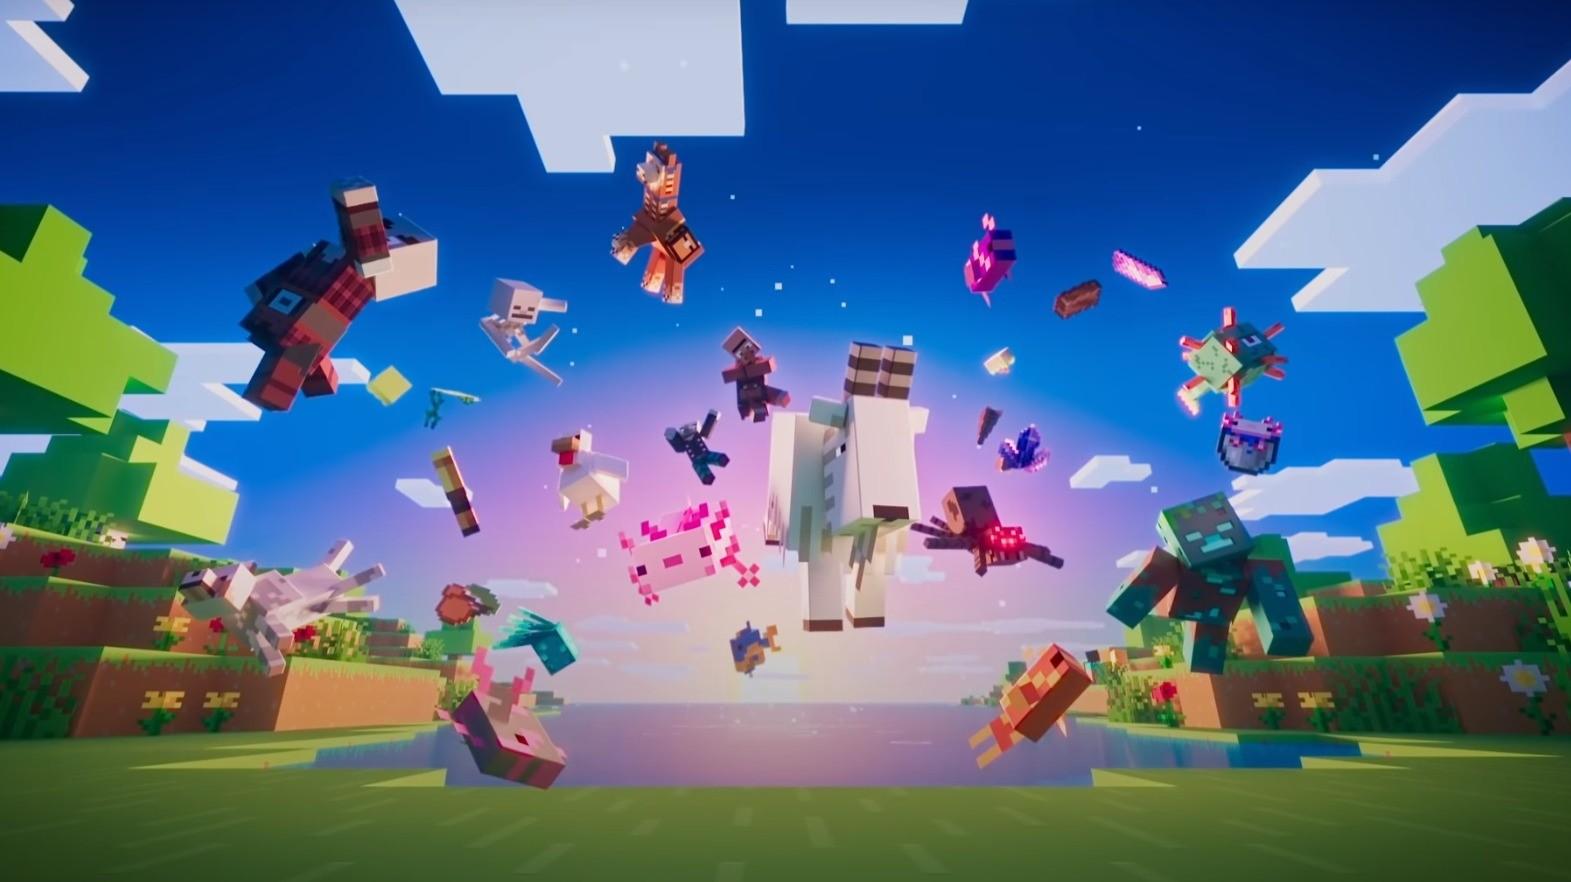 Я улыбался как ребенок когда увидел новый трейлер Minecraft создатели гении